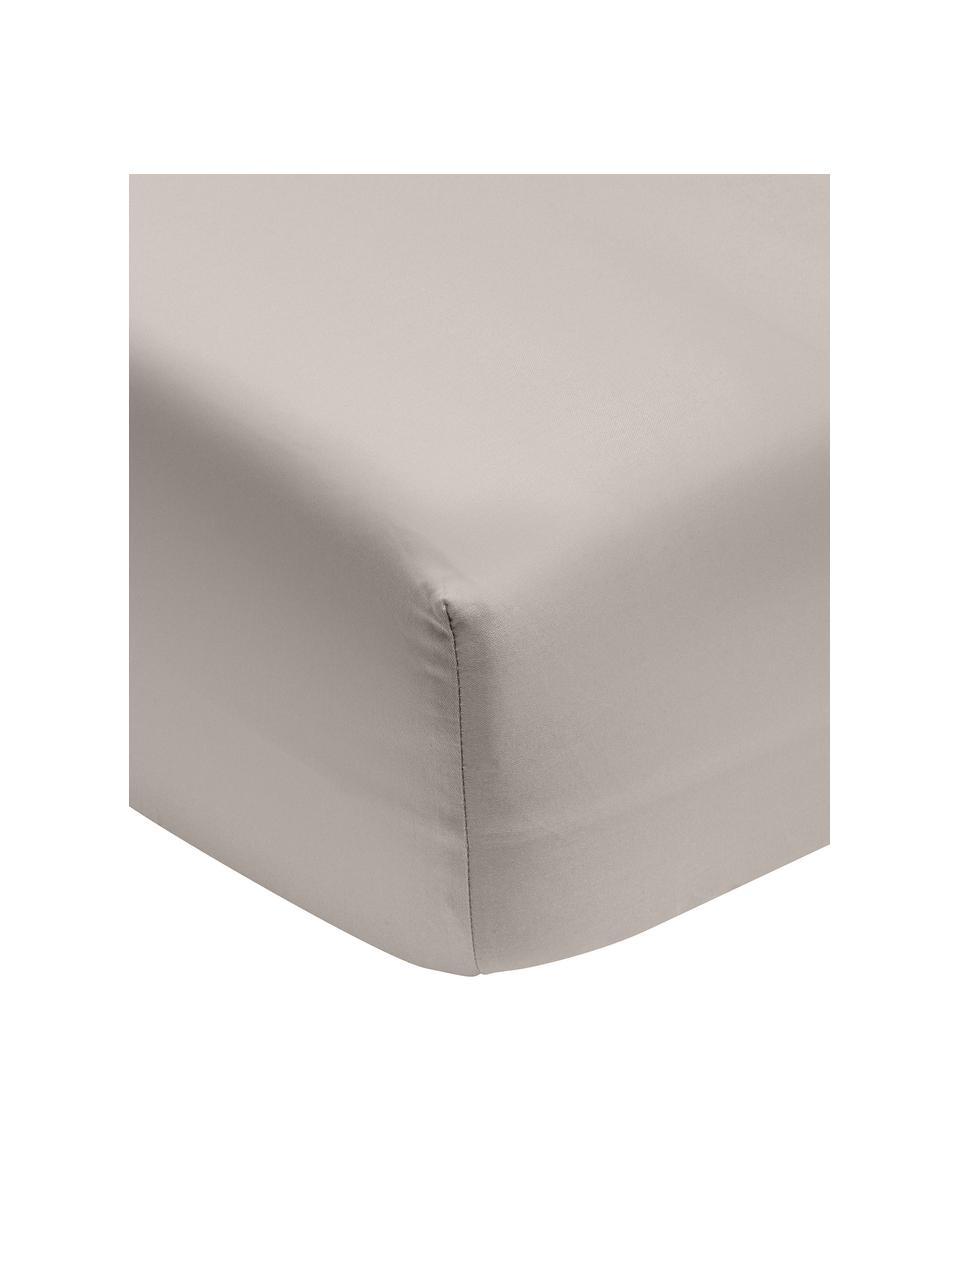 Prześcieradło z gumką z organicznej satyny bawełnianej Premium, Taupe, S 180 x D 200 cm